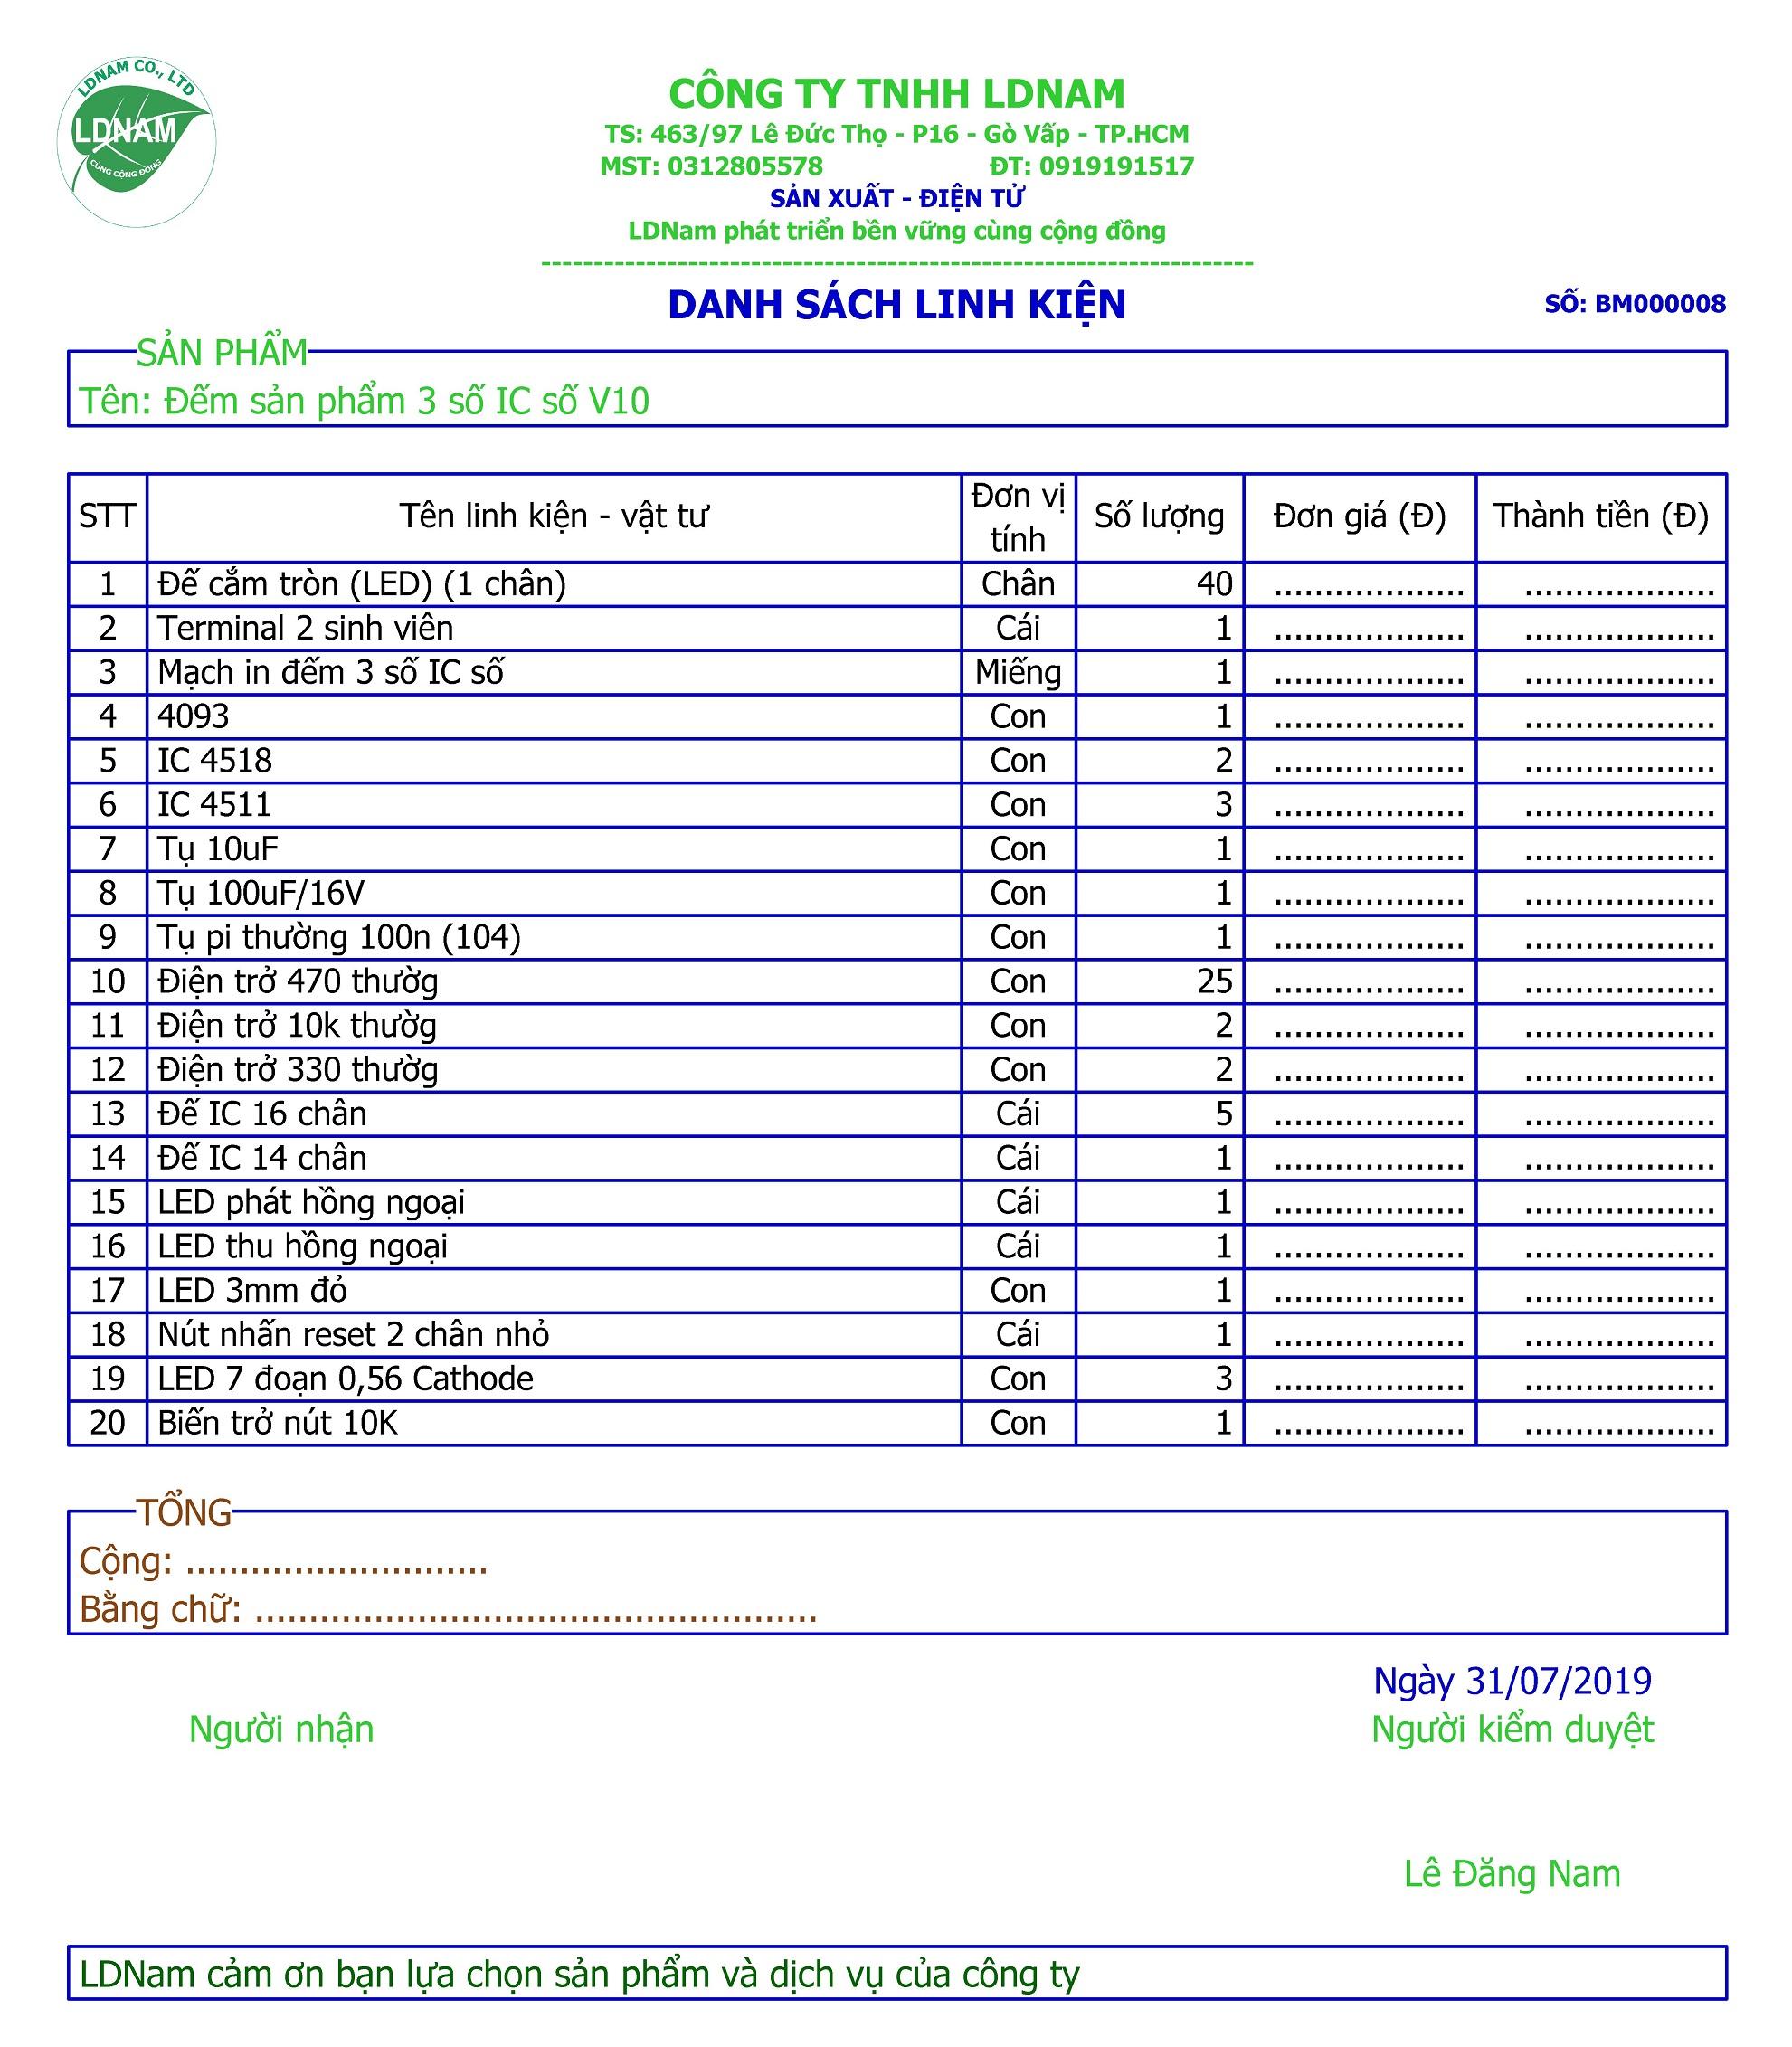 Danh sách linh kiện mạch đếm 3 số IC số - LDNam